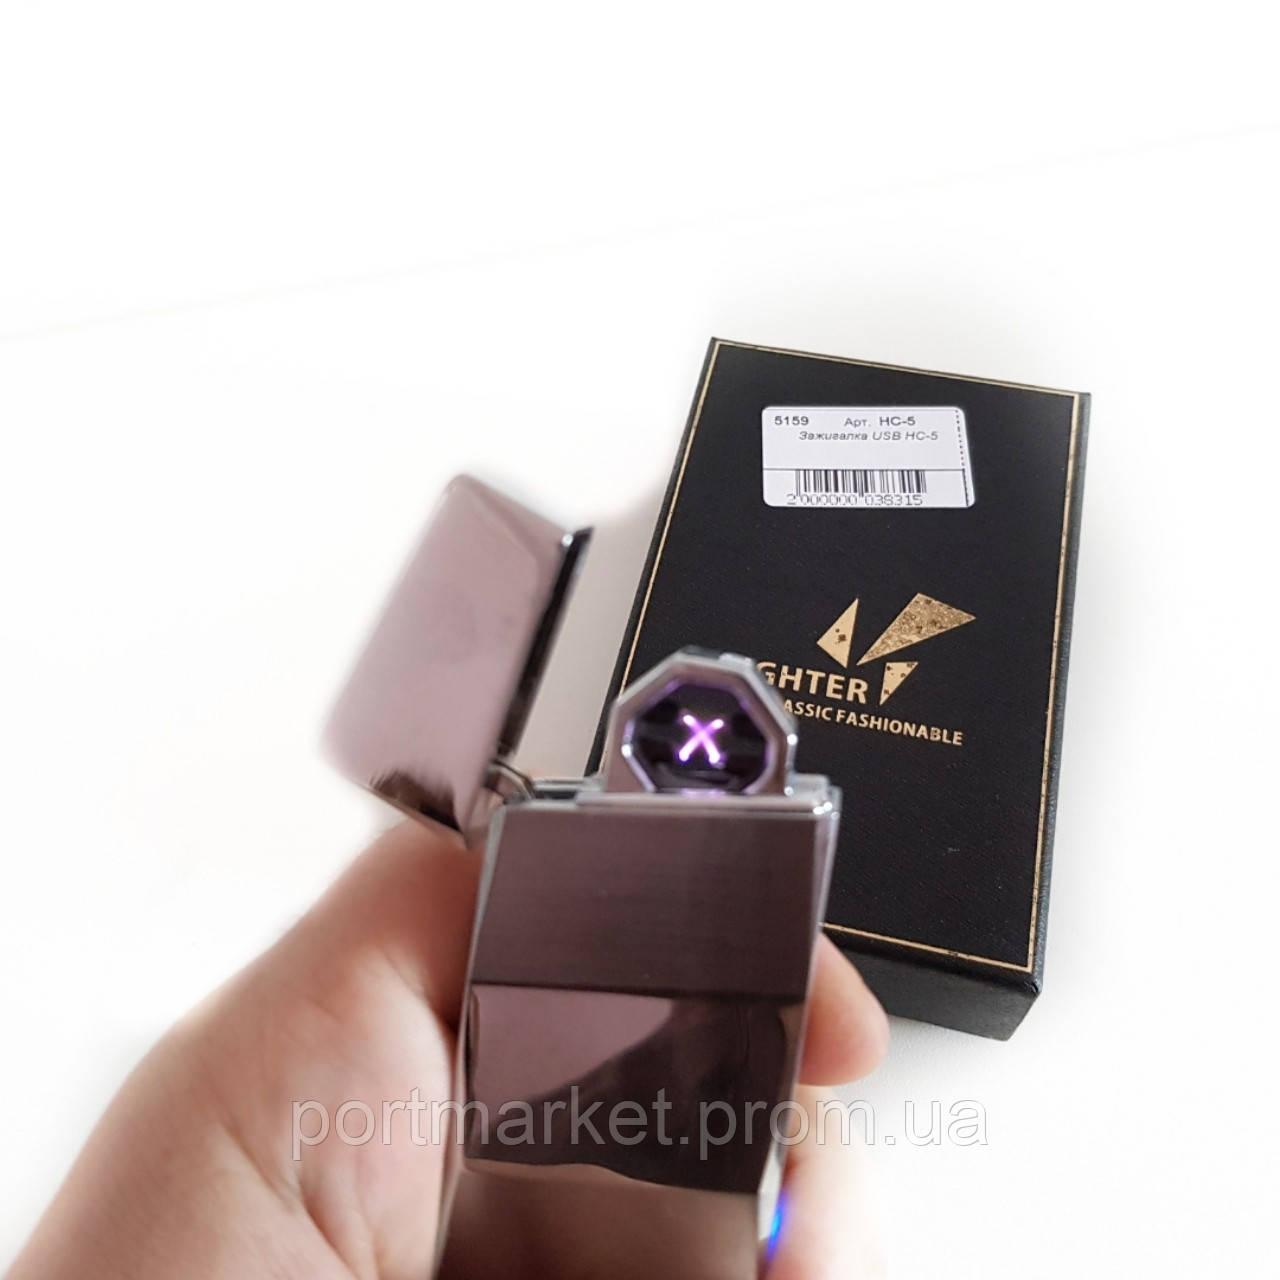 Электроимпульсная USB Зажигалка (Двойная молния) Lighter HL-5